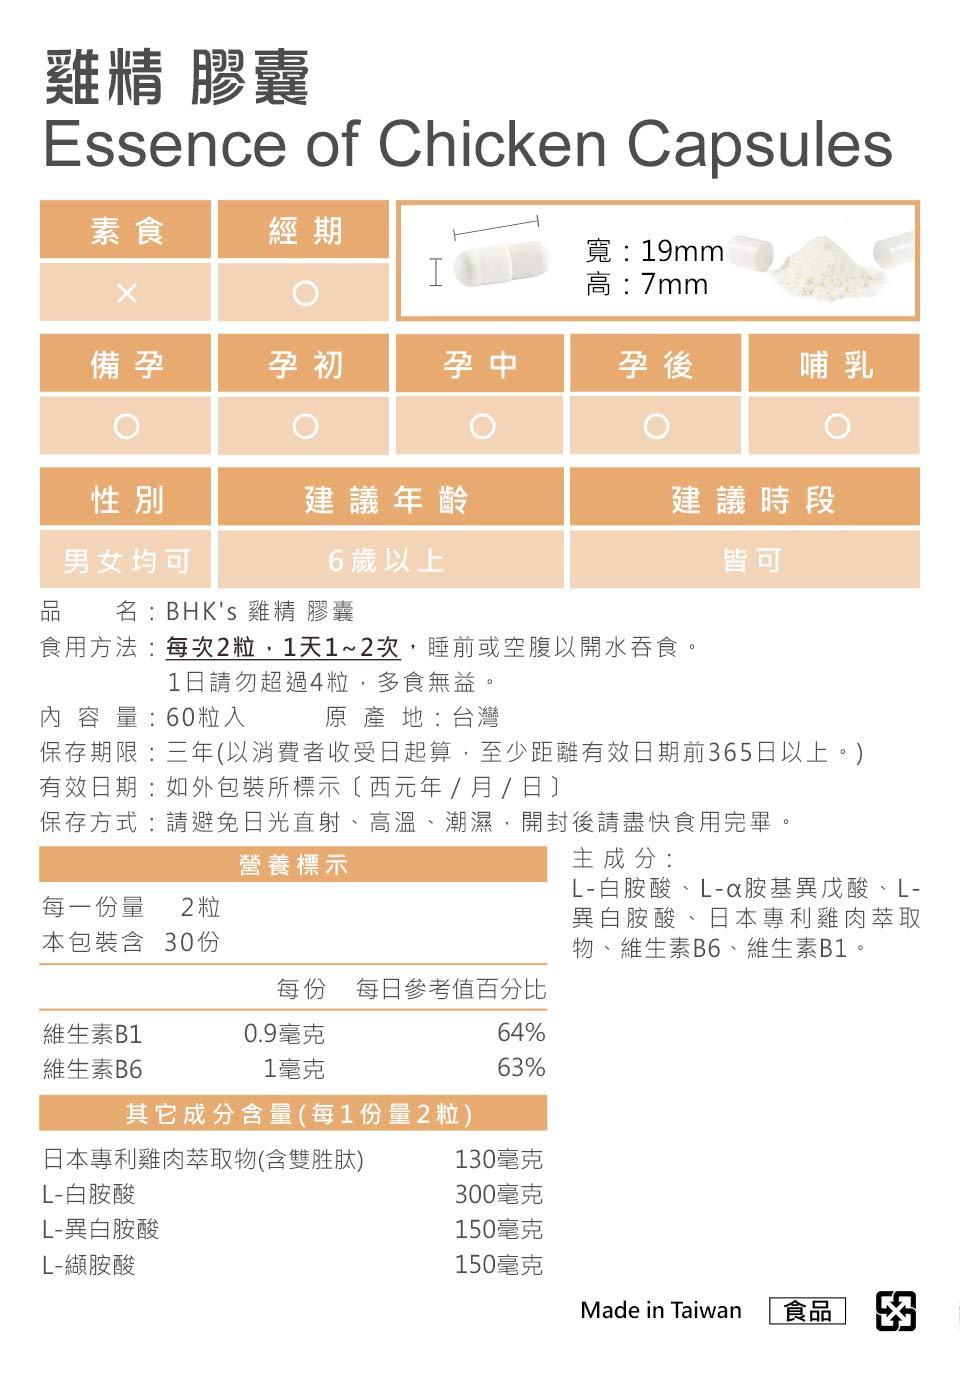 雞精膠囊成分符合國家認證,安全無疑慮,持續使用有助於滋補強身.